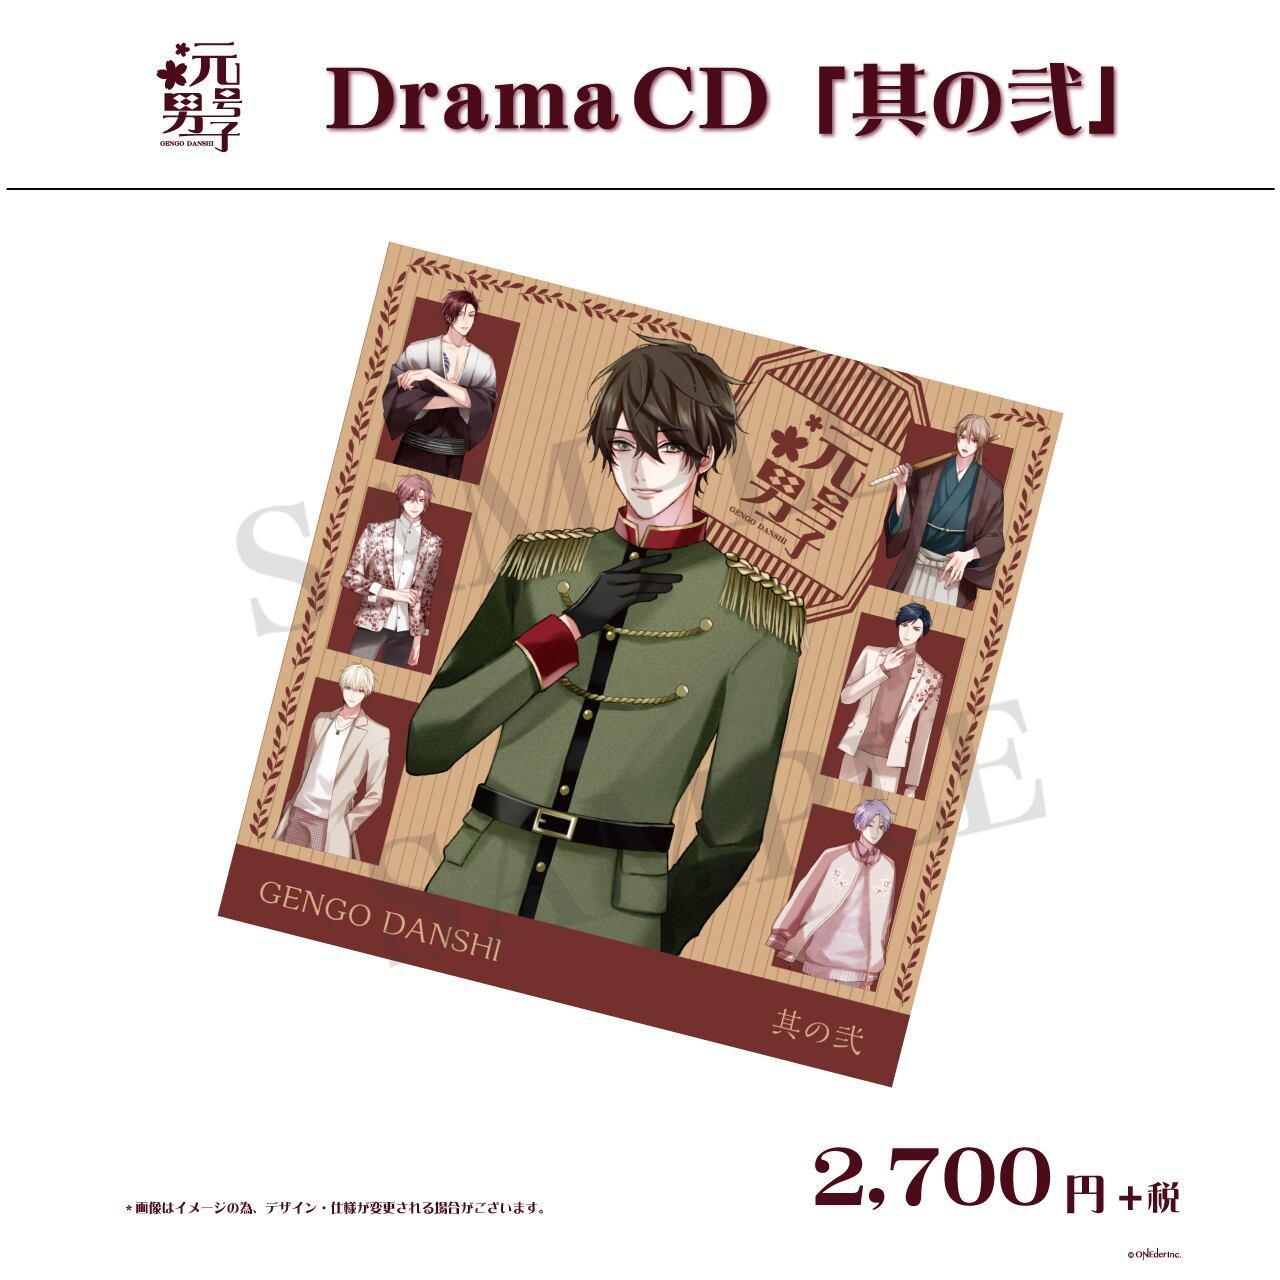 【早期予約】元号男子 DramaCD「其の弐」